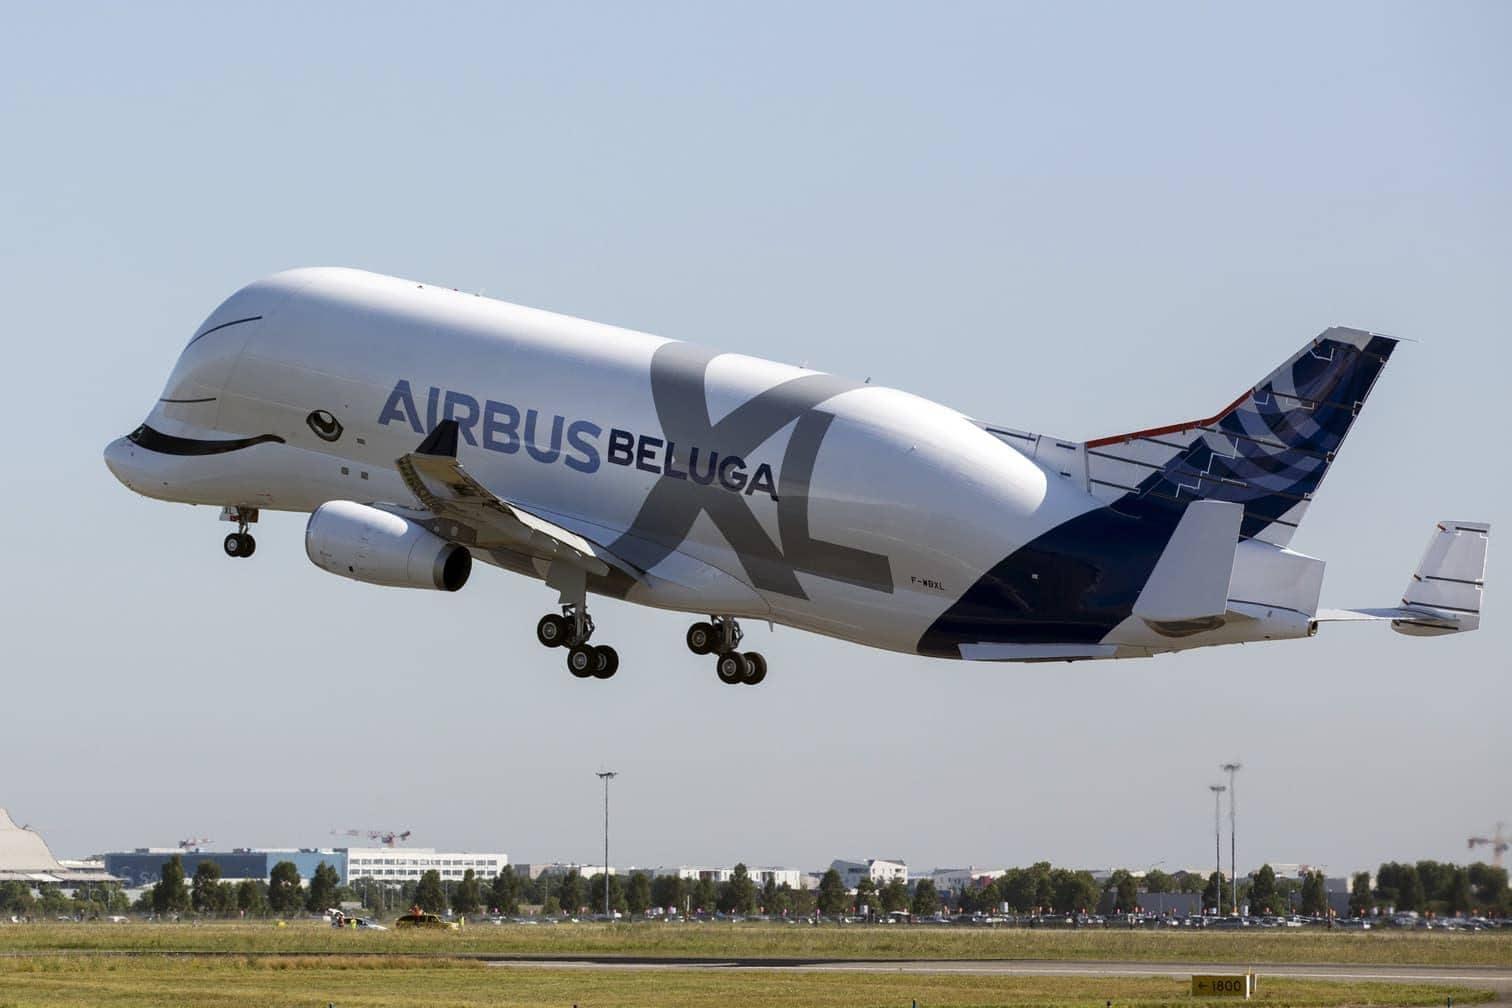 hob am Donnerstag vor rund 10.000 Zuschauern vom südfranzösischen Flughafen Toulouse-Blagnac zu seinem Jungfernflug ab. Vier Stunden und zwölf Minuten später landete die Maschine wieder.</p> Foto: AFP